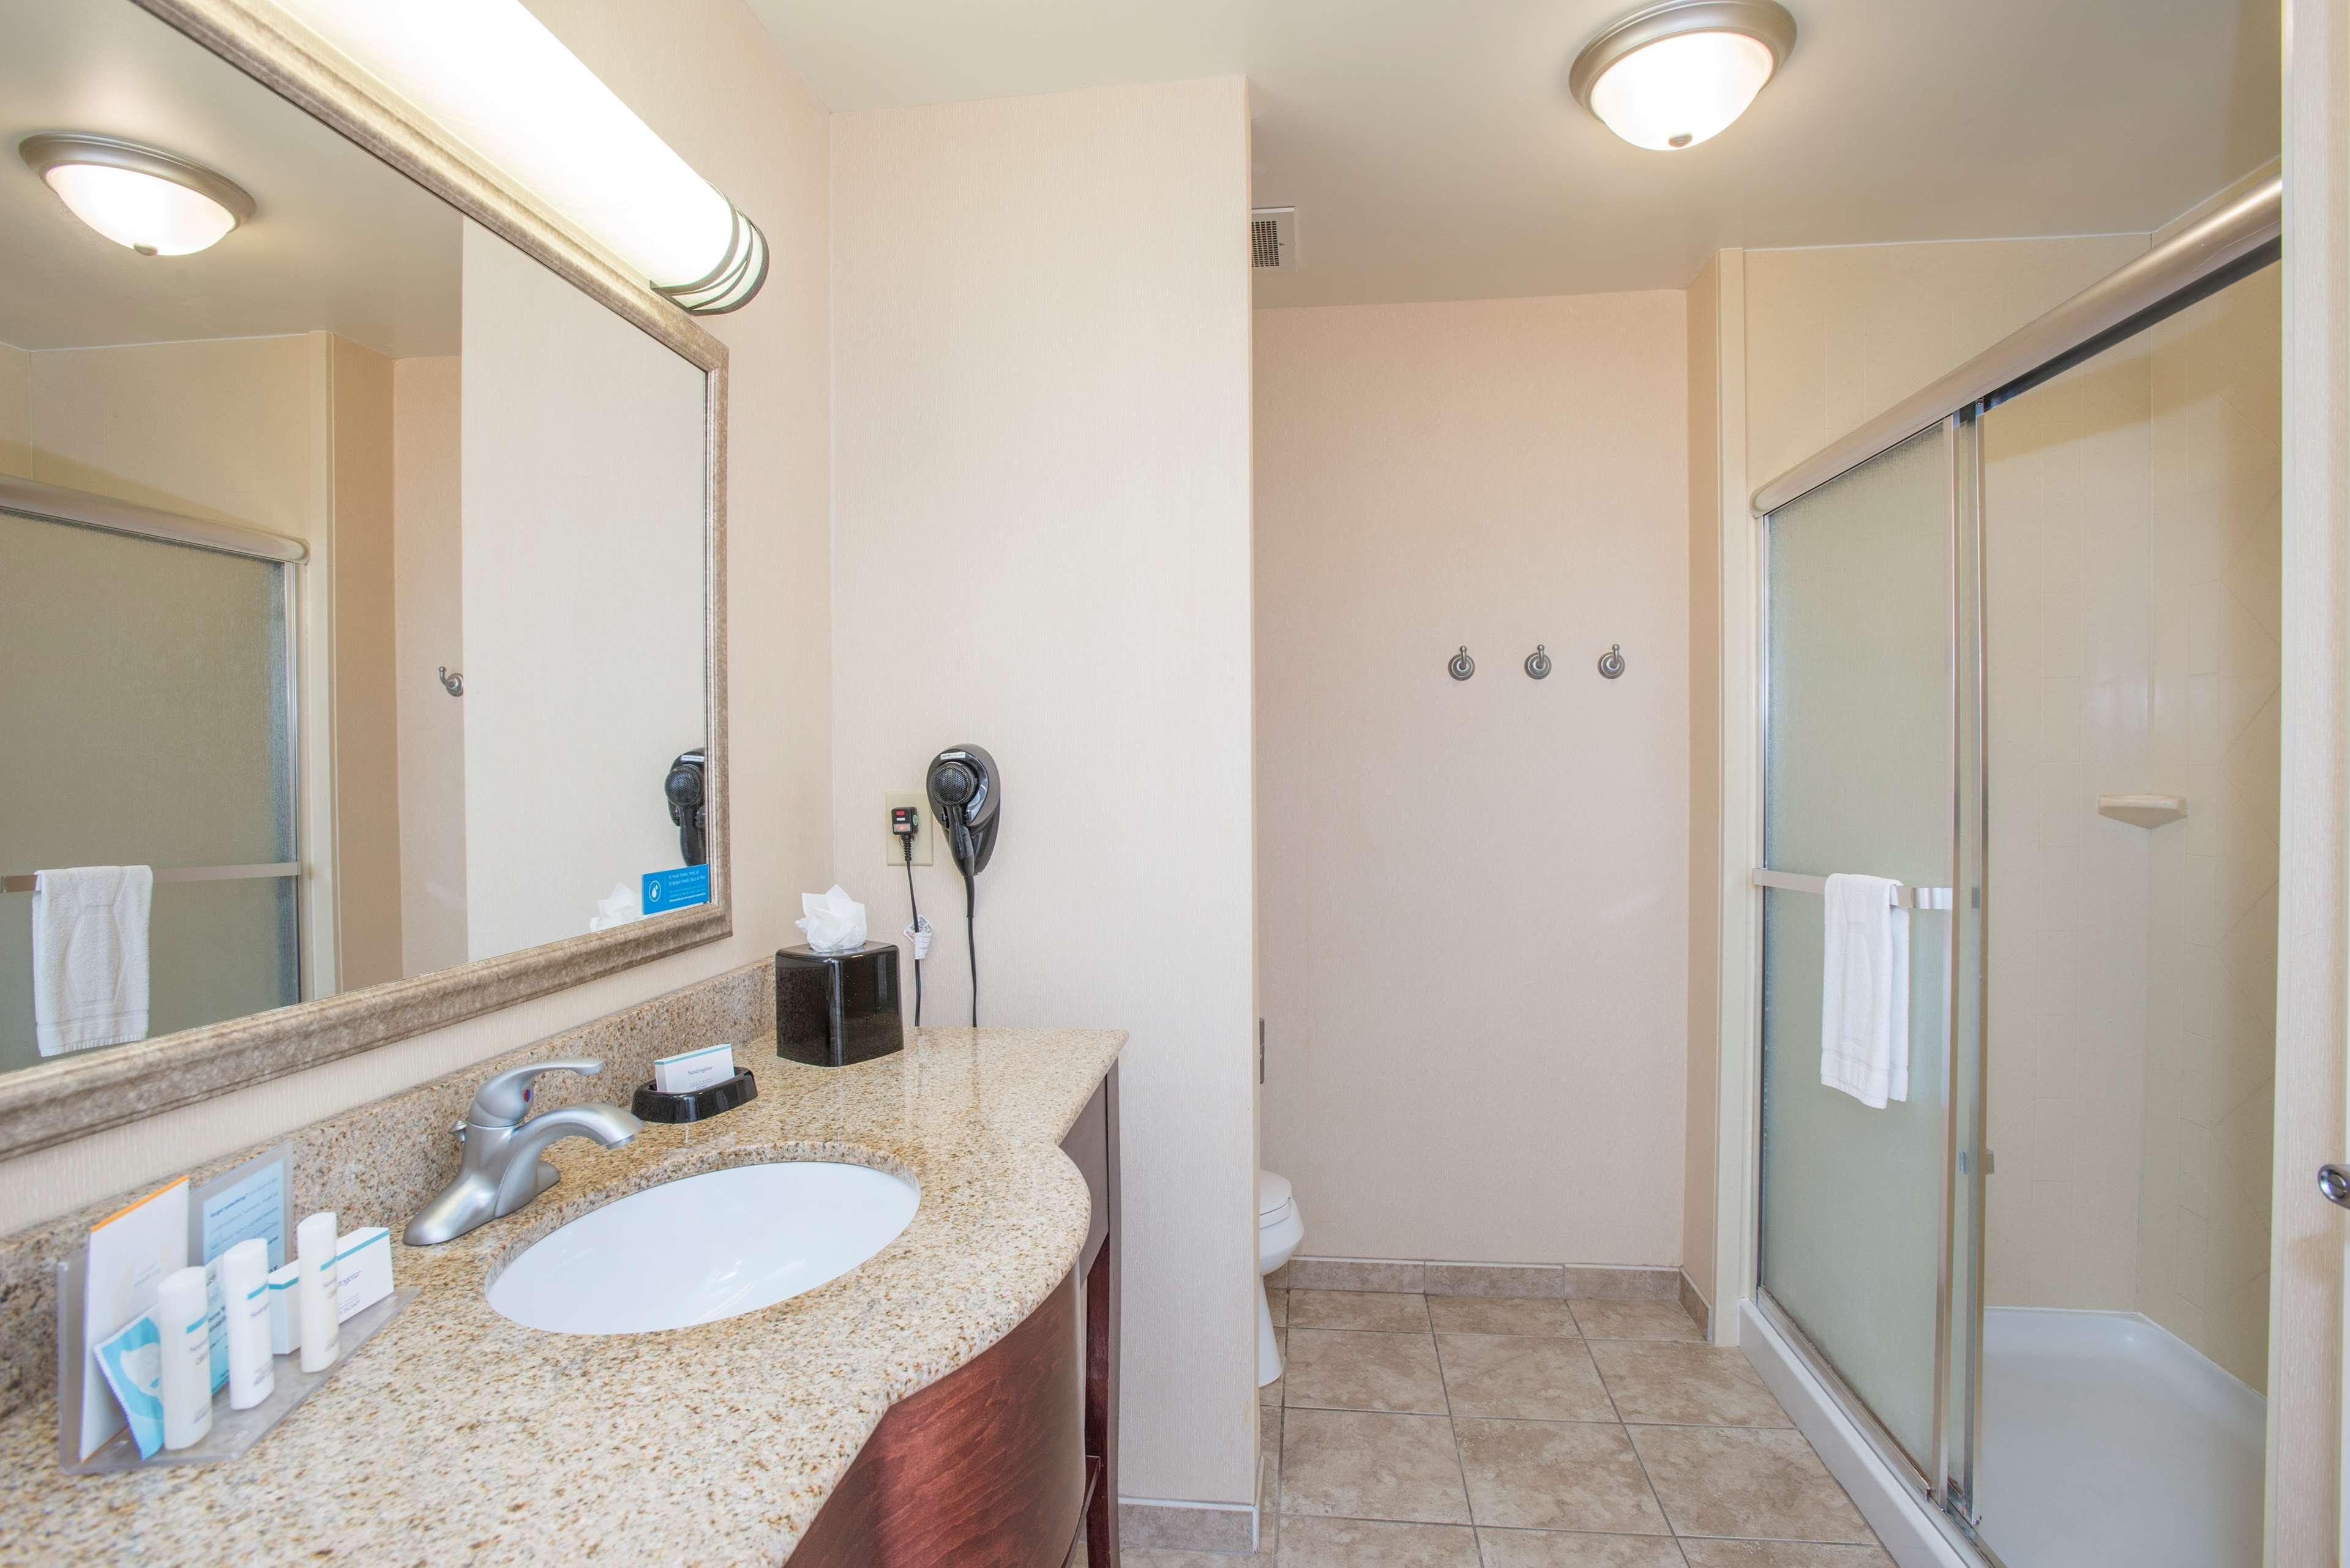 Hampton Inn & Suites Dayton-Airport image 28